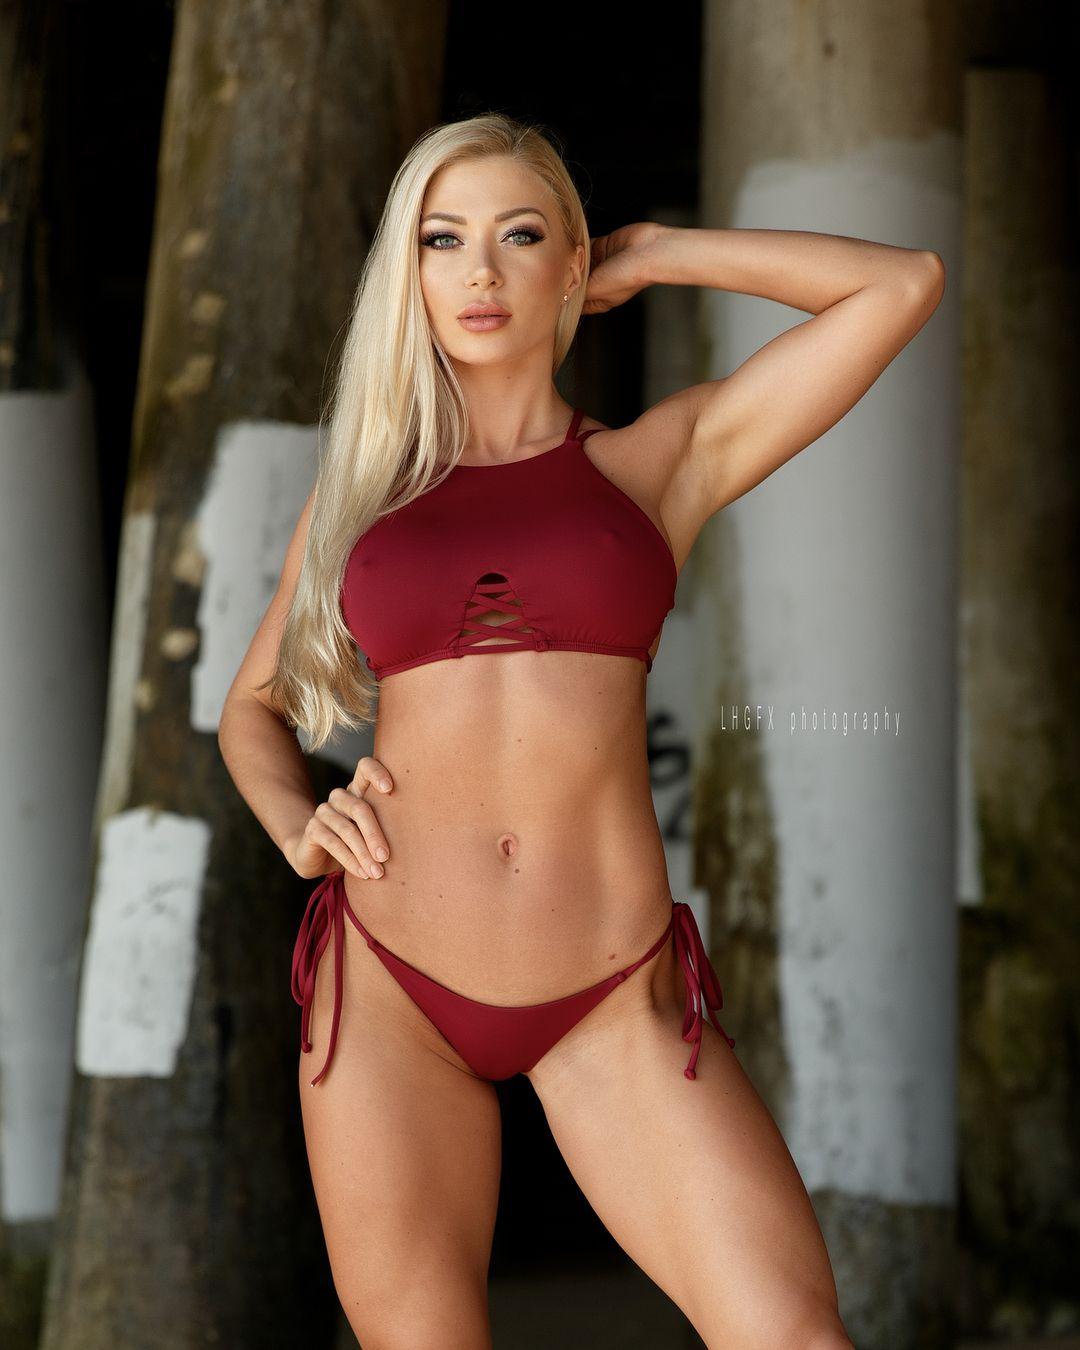 Bikini Elena Hight nudes (74 photos), Topless, Leaked, Twitter, butt 2019